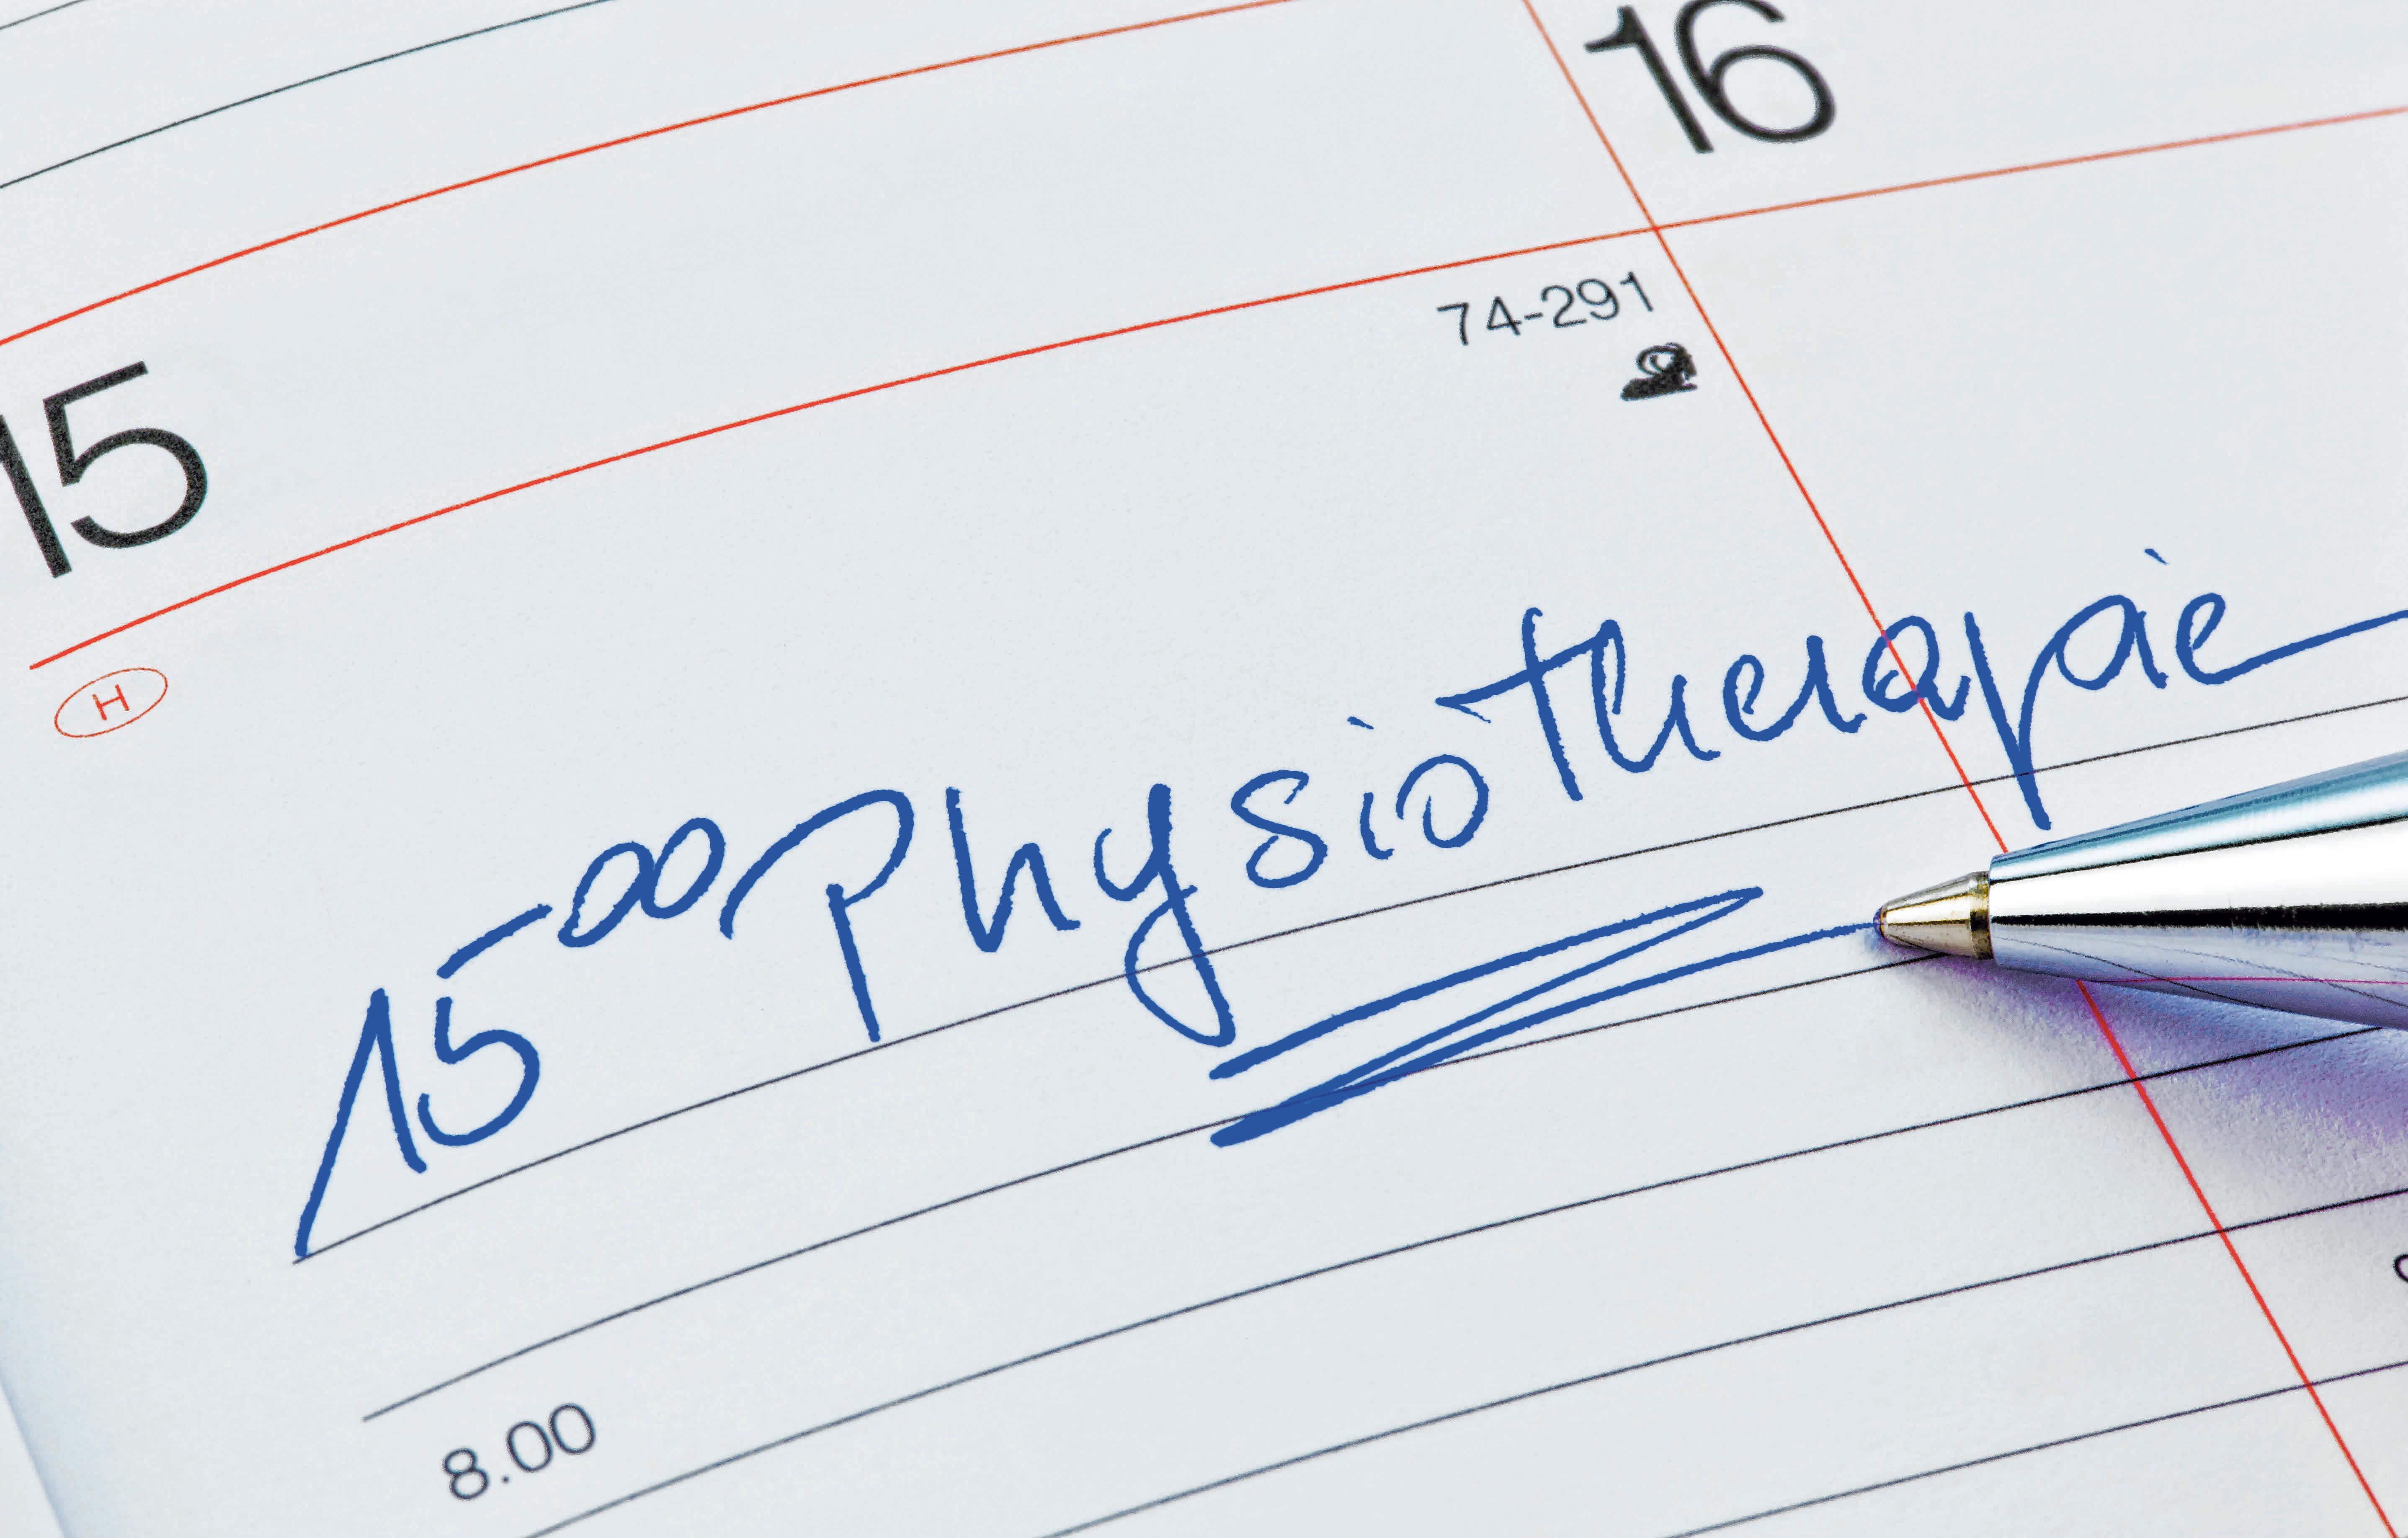 Die Termine beim Physiotherapeut können weiterhin wahrgenommen werden. FOTOS: COLOURBOX.DE